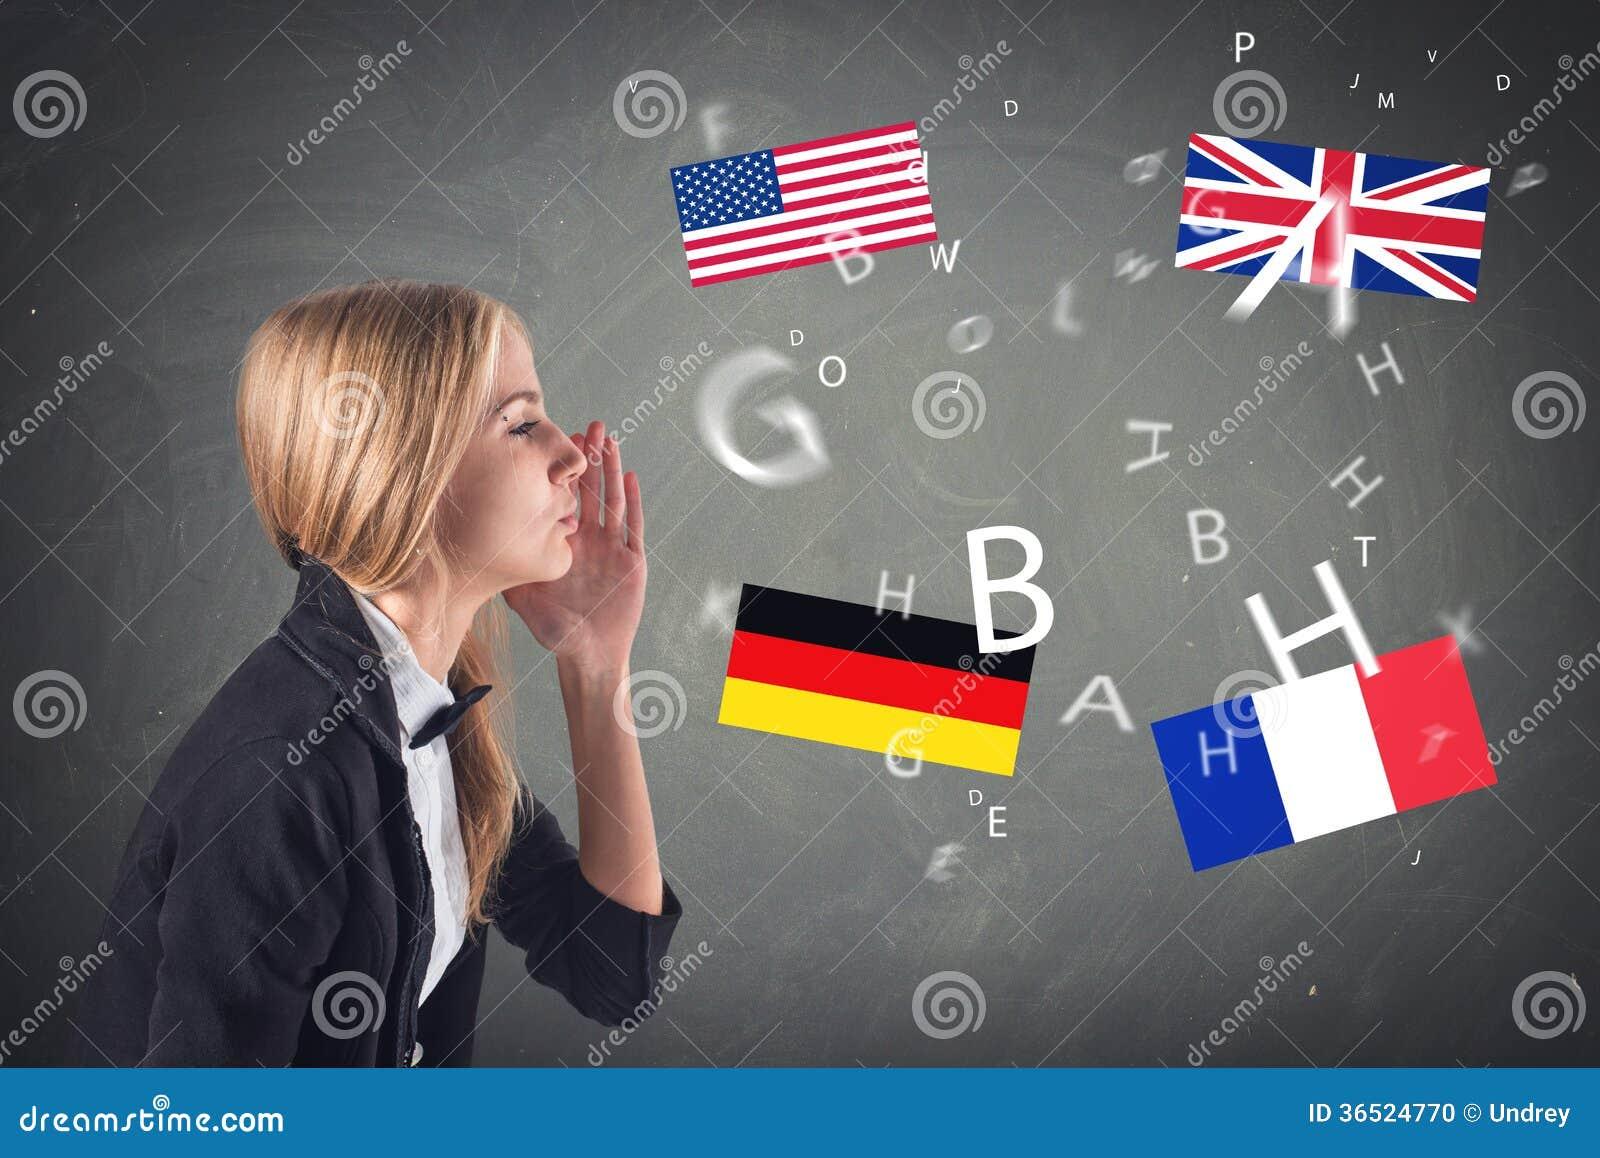 Vreemde taal. Concept - leren, die spreken,